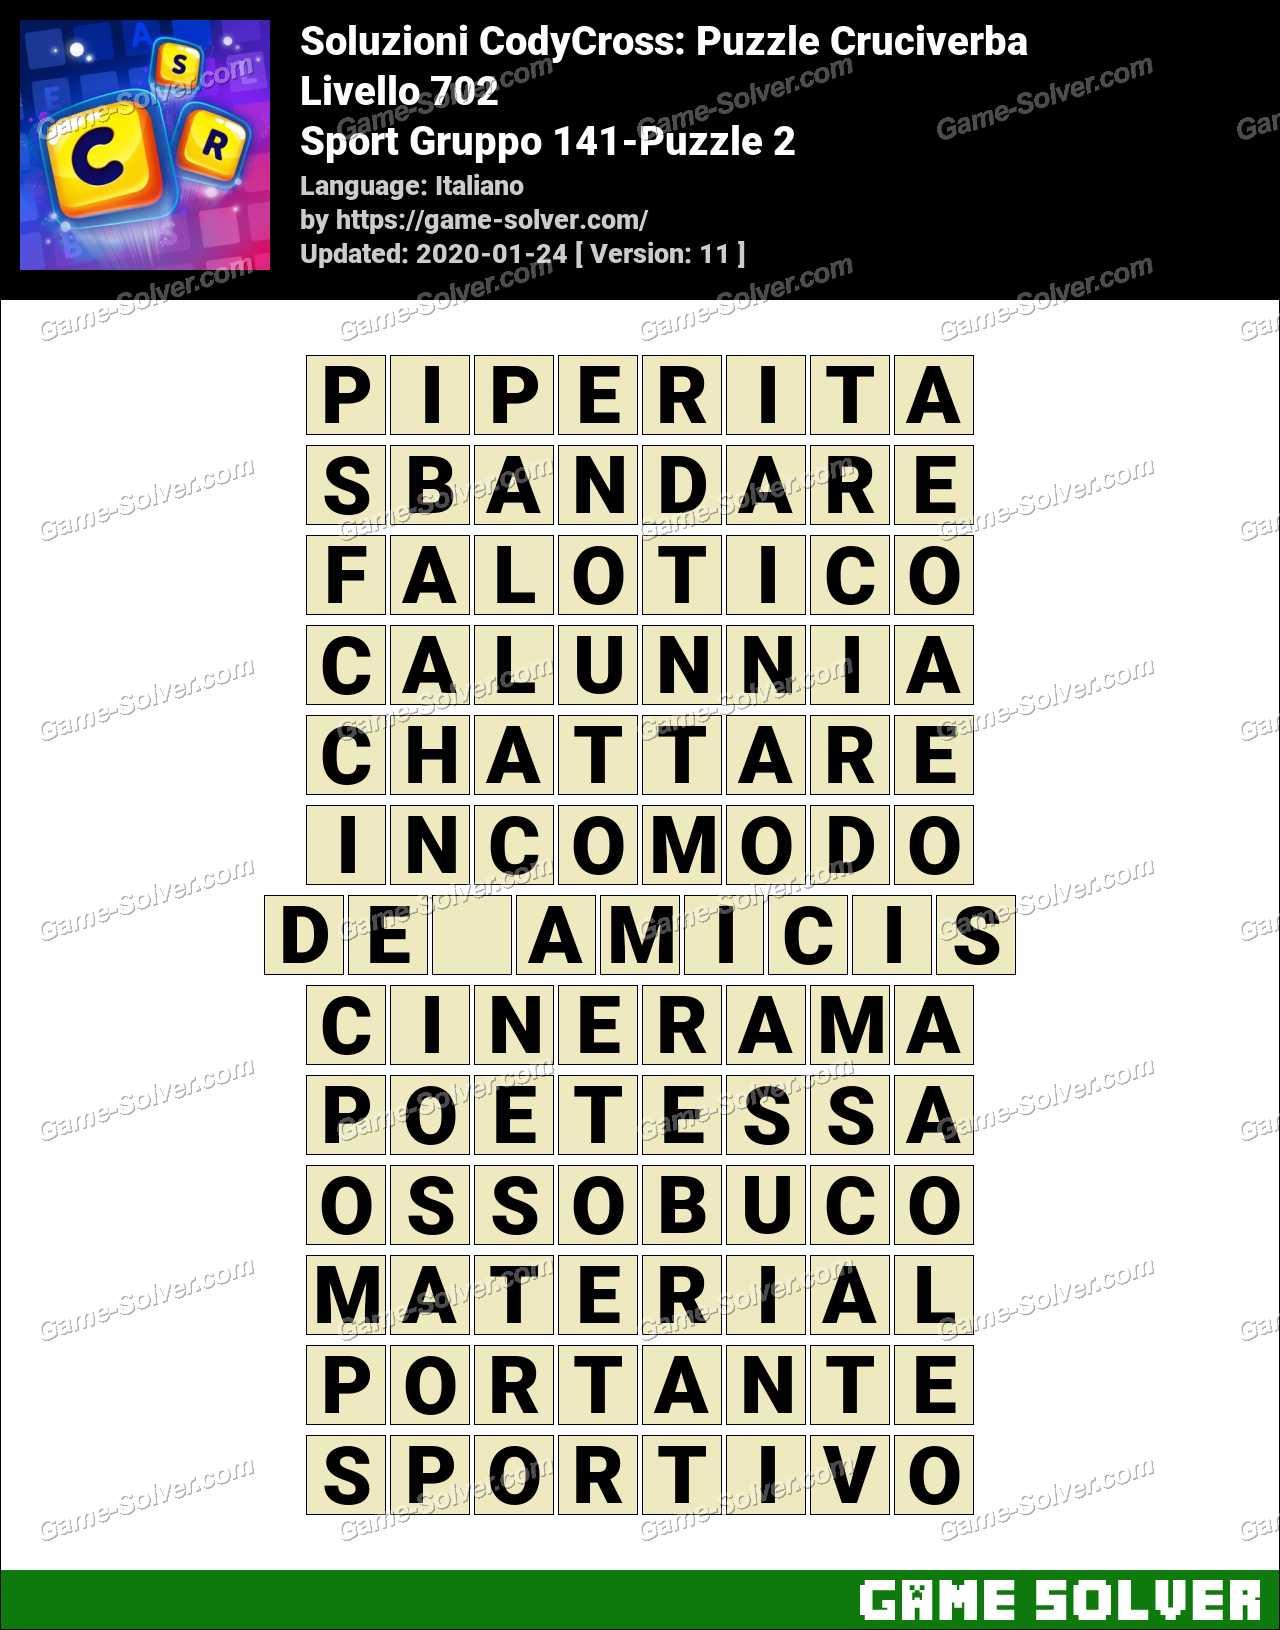 Soluzioni CodyCross Sport Gruppo 141-Puzzle 2